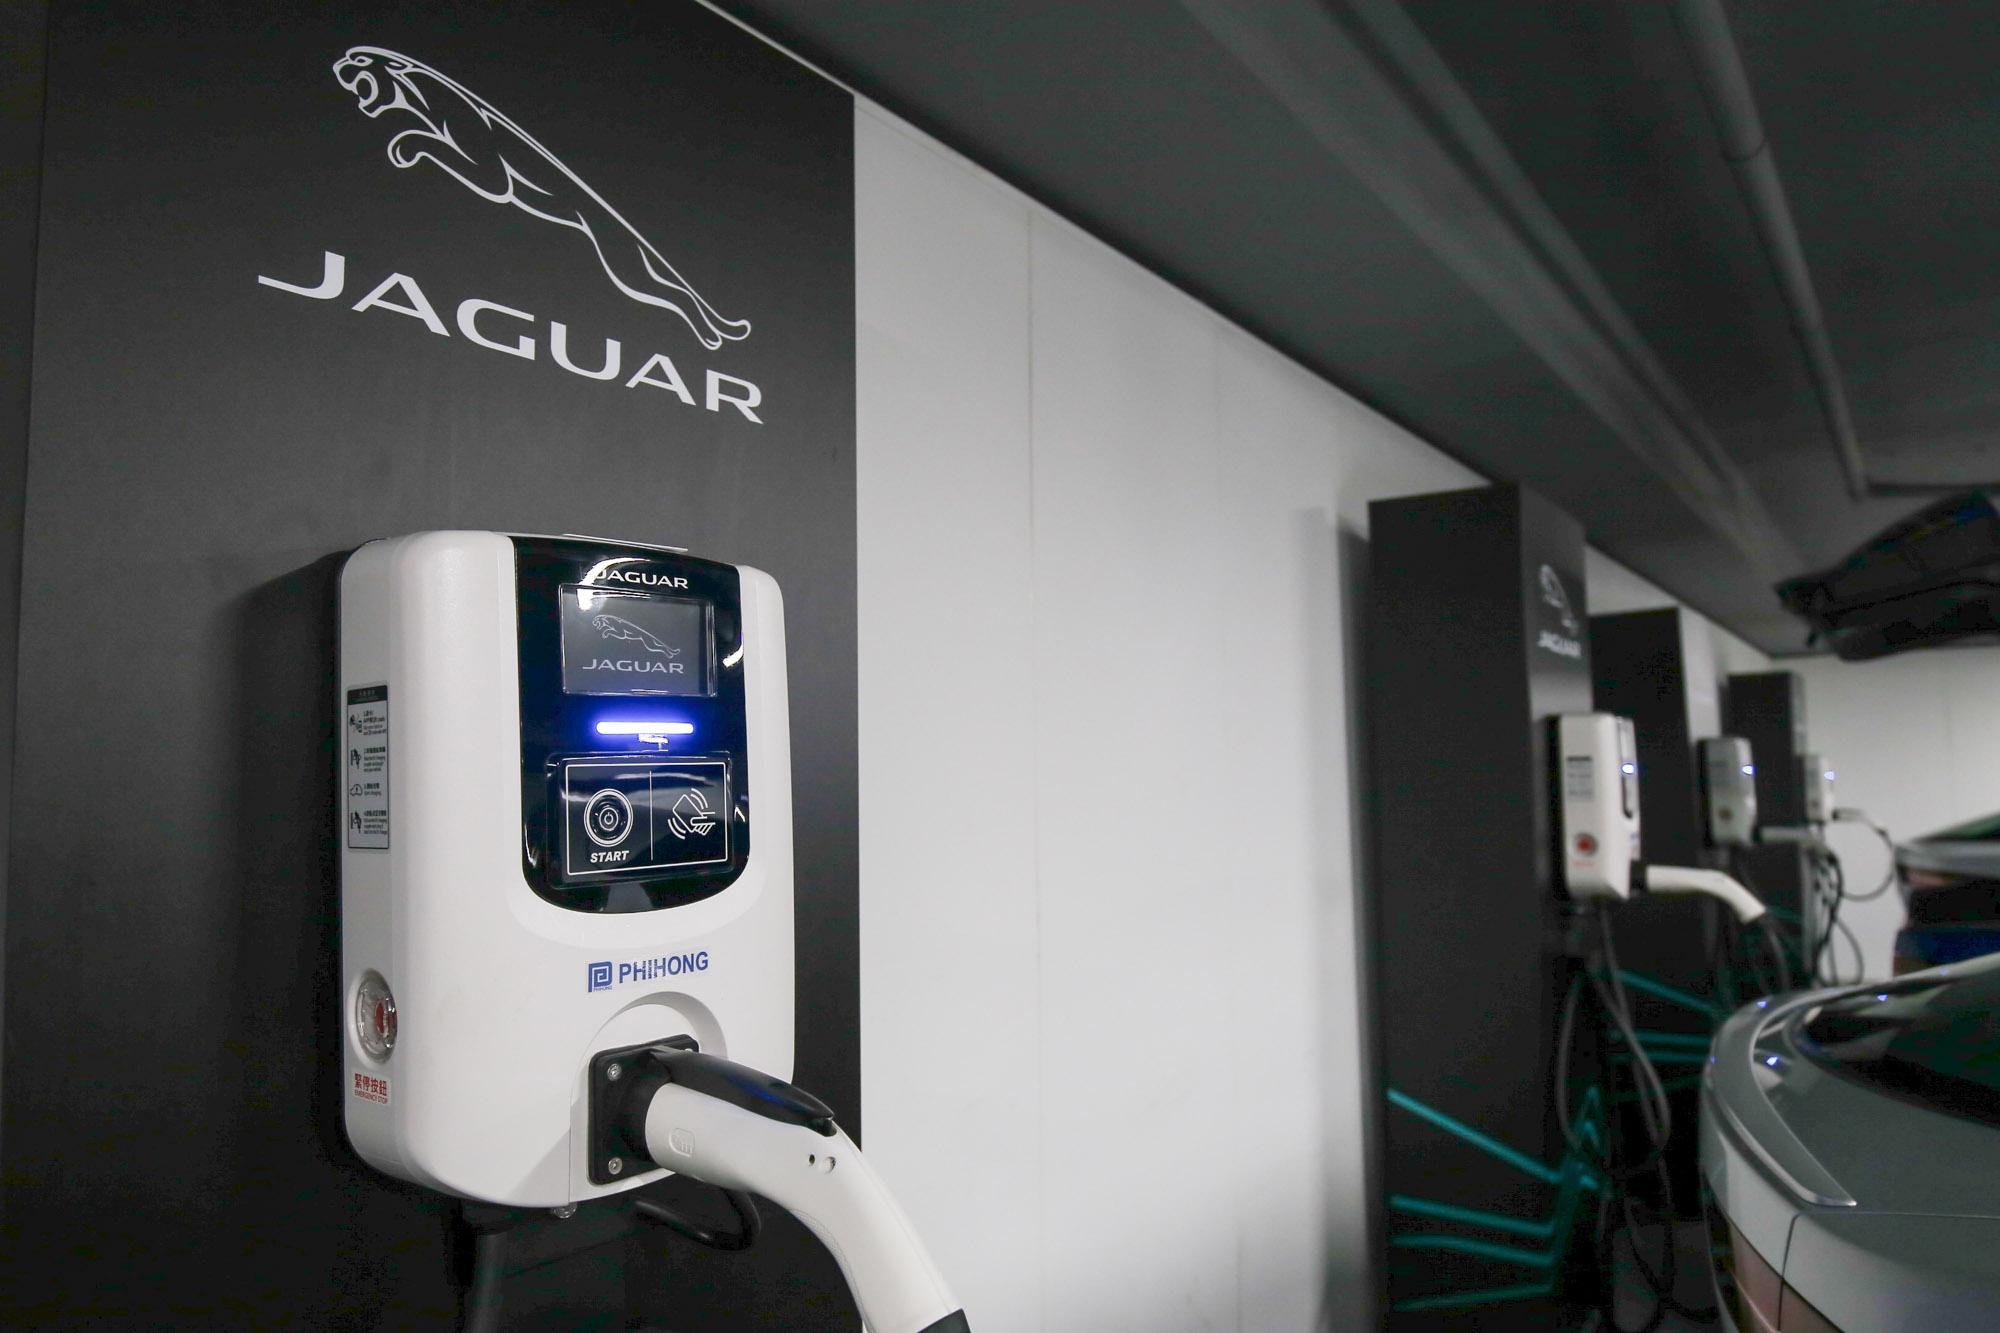 蔡英文執政的第一個任期,就已經立下了未來汽機車市場電動化的目標。